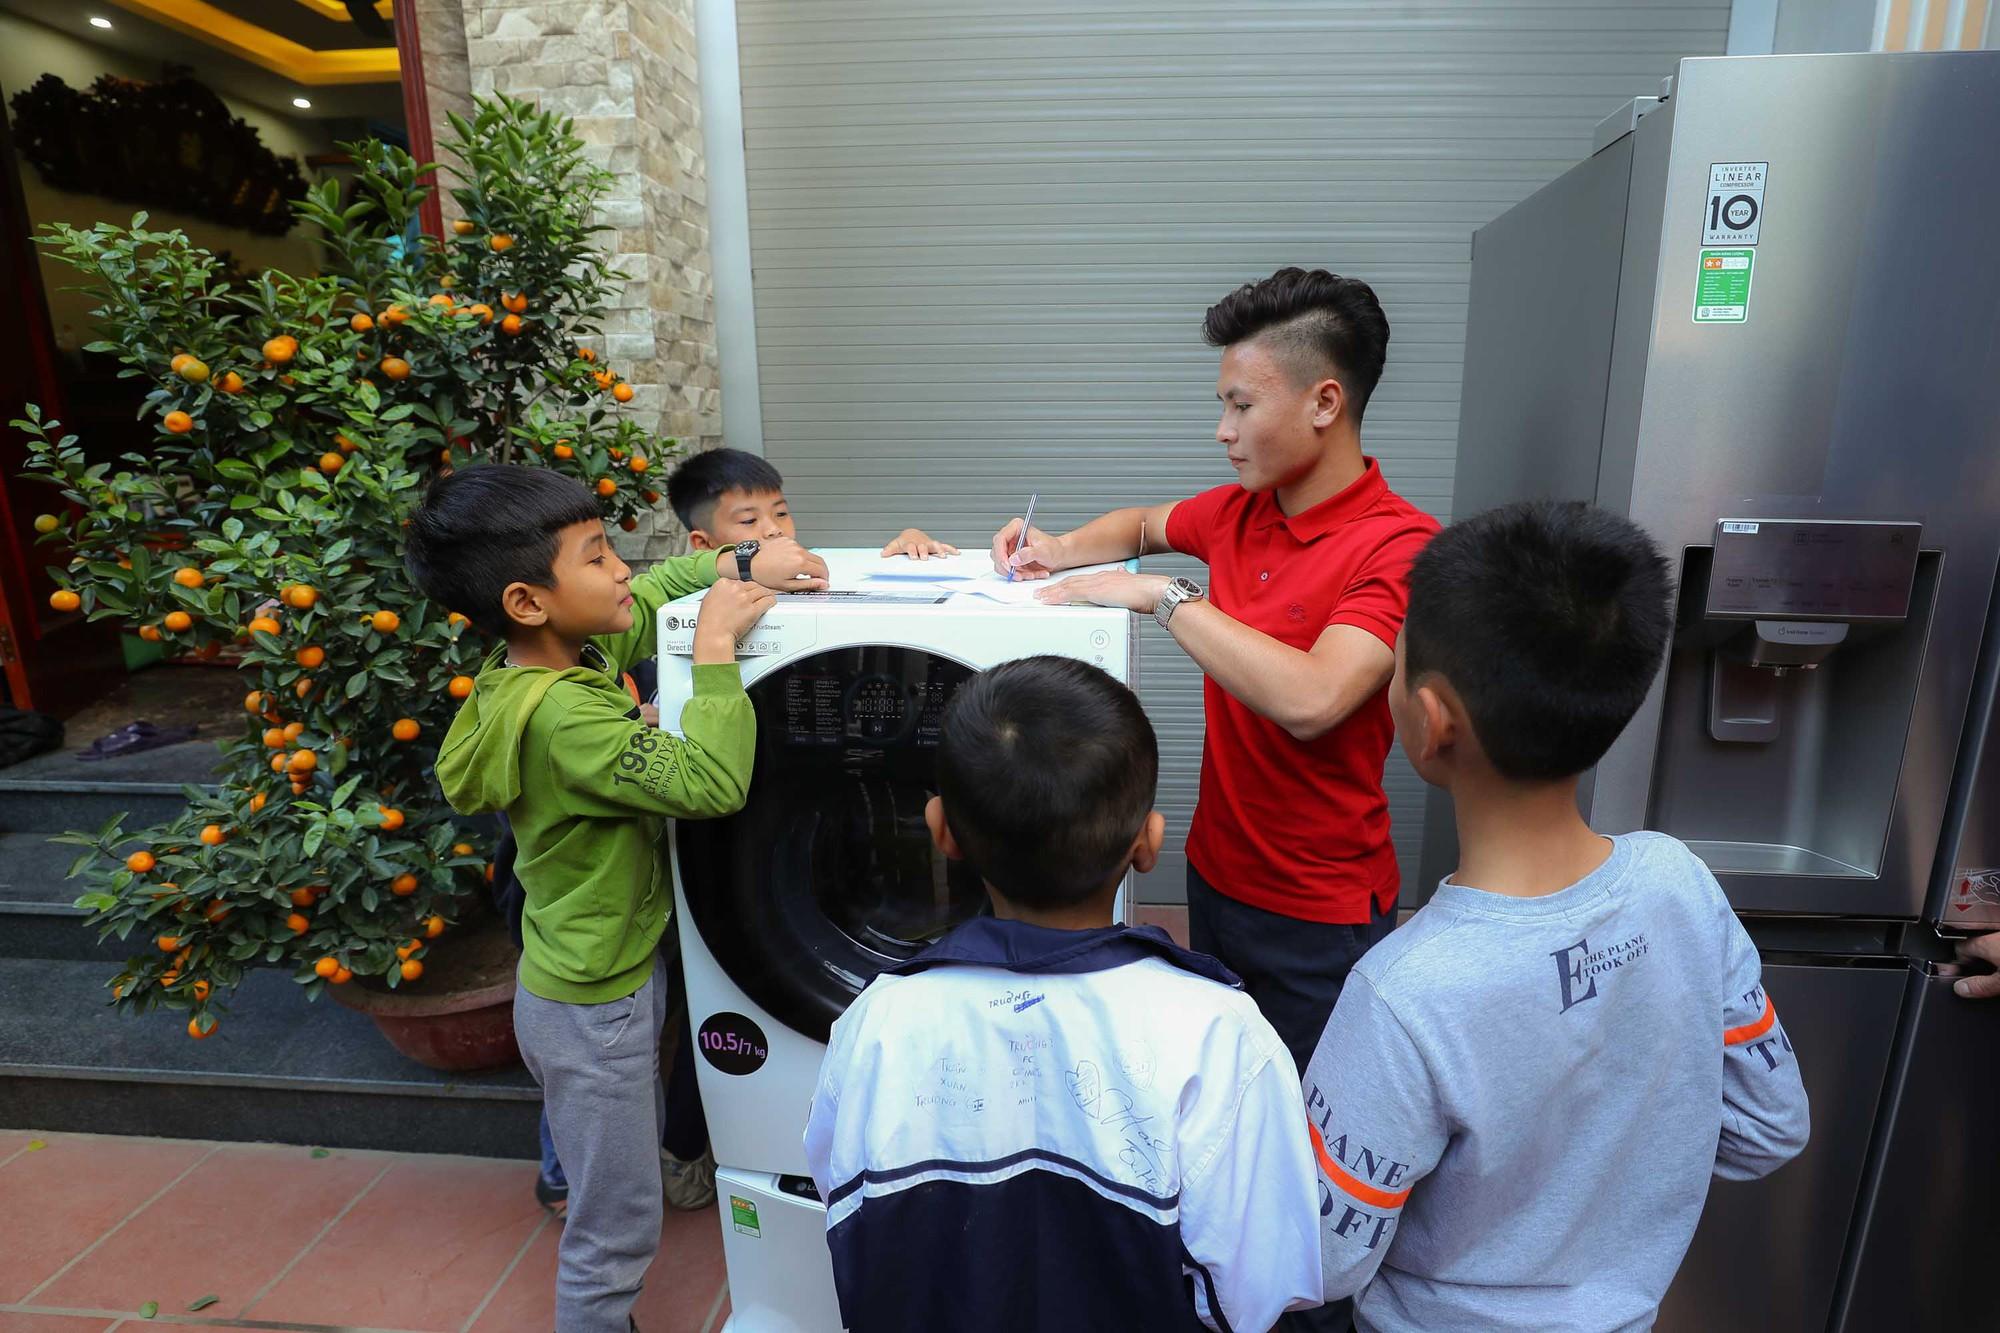 Bắt gặp khoảnh khắc xúc động Quang Hải trở về nhà sau Asian Cup 2019 - Ảnh 8.